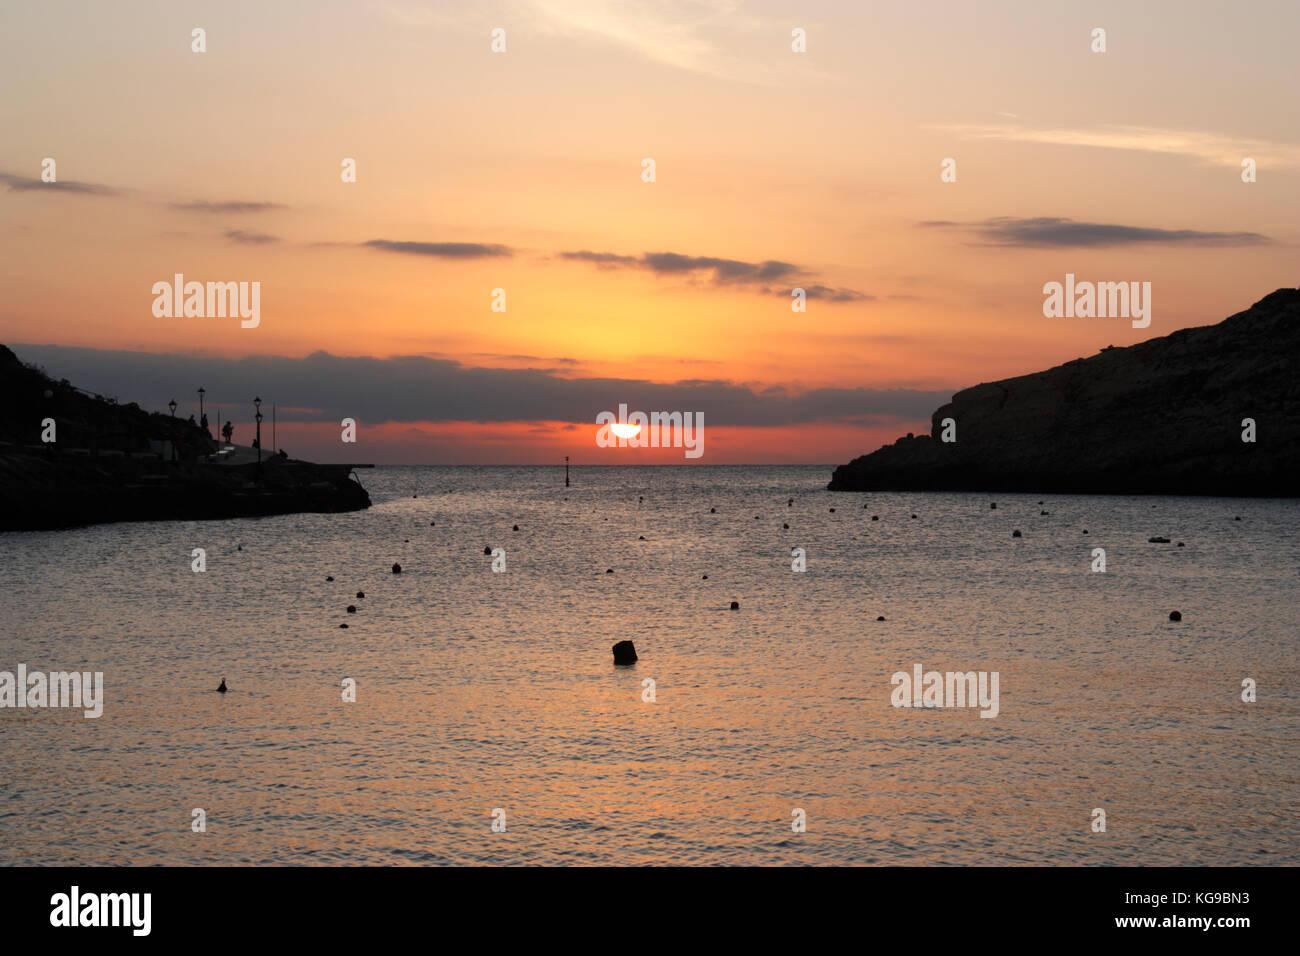 Puesta de sol sobre el Mar Mediterráneo, visto desde la ciudad balnearia de Xlendi, en Gozo, Malta Imagen De Stock